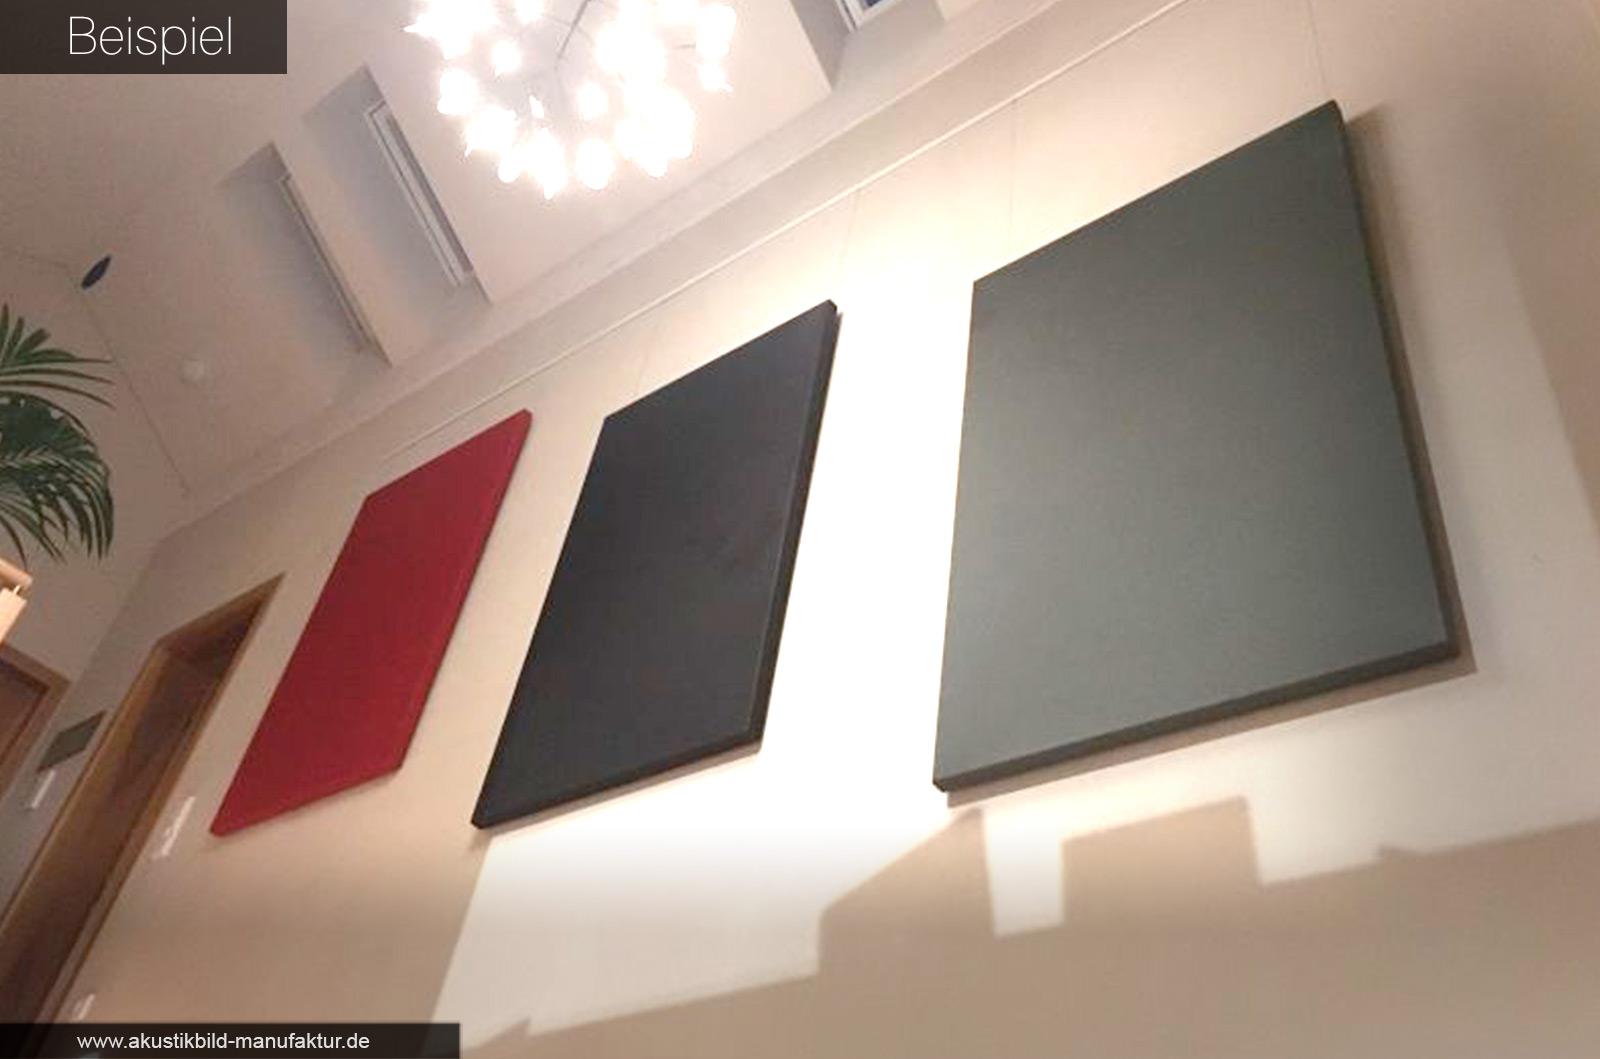 einfarbige Akustikbilder